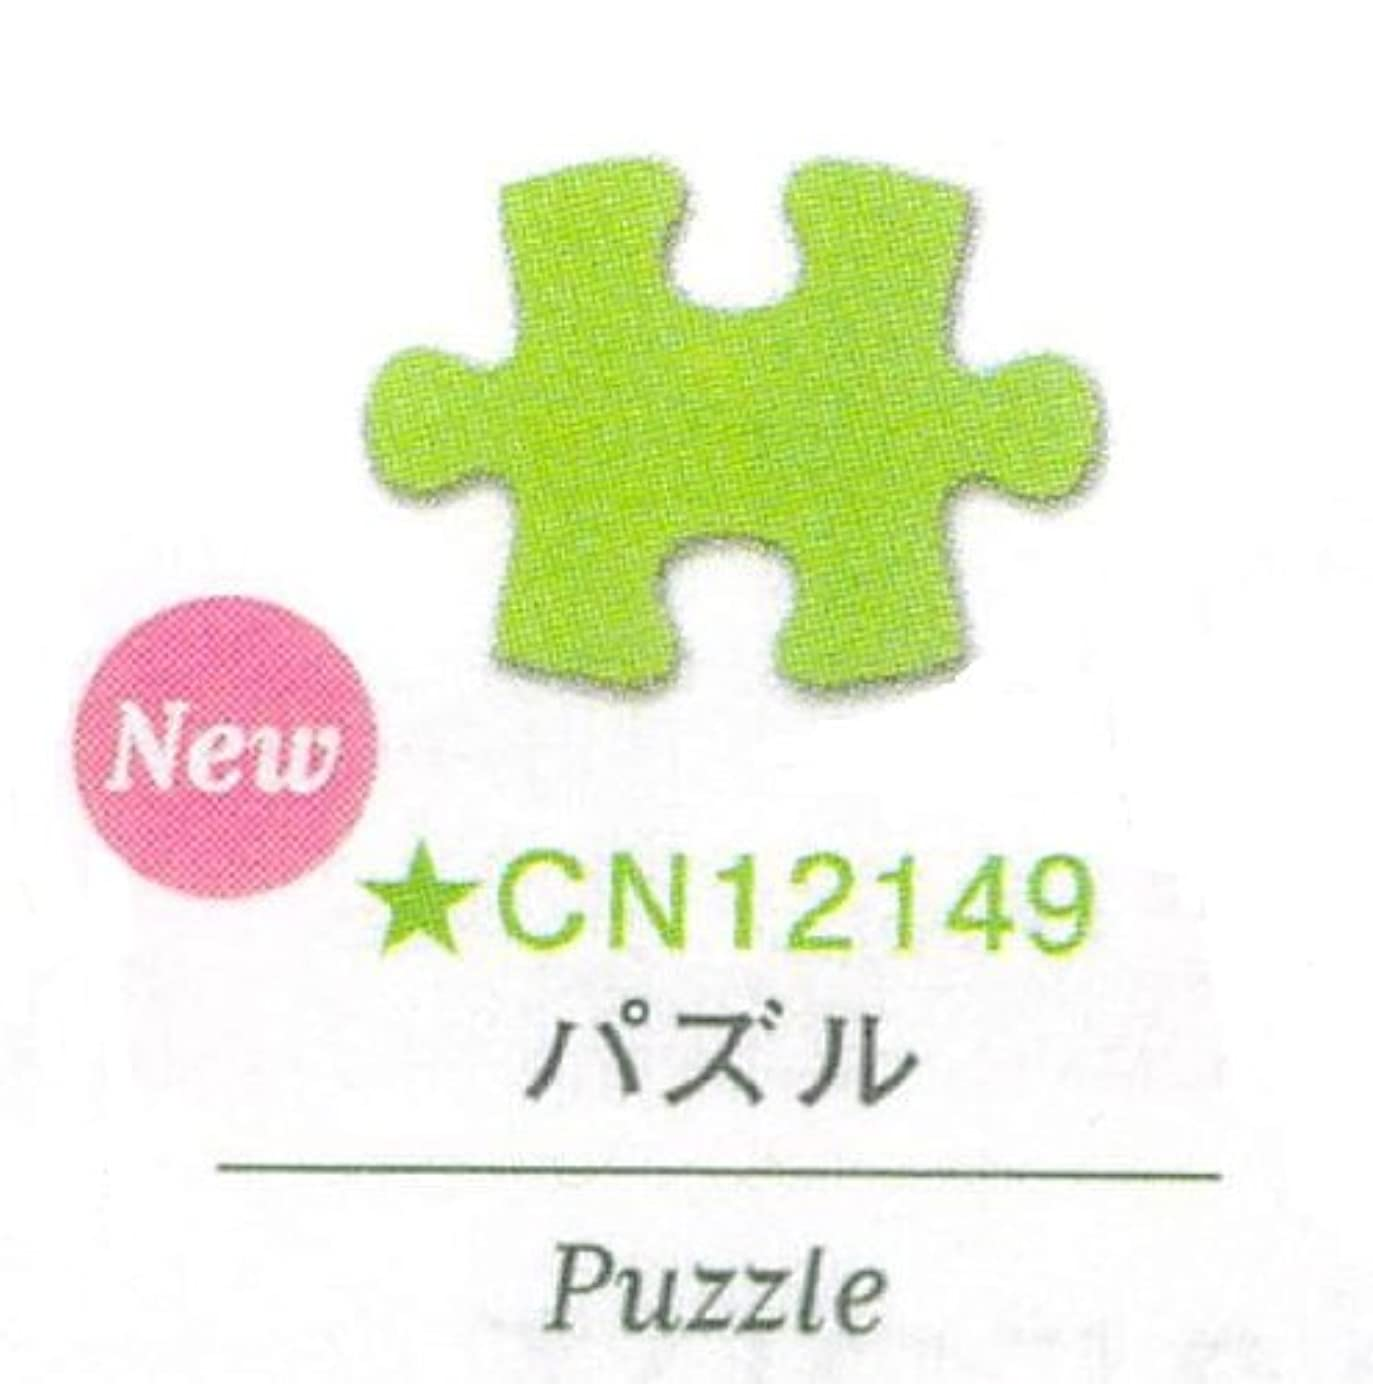 マウント折り目印をつけるカール事務器株式会社ミニクラフトパンチ パズルCN12149